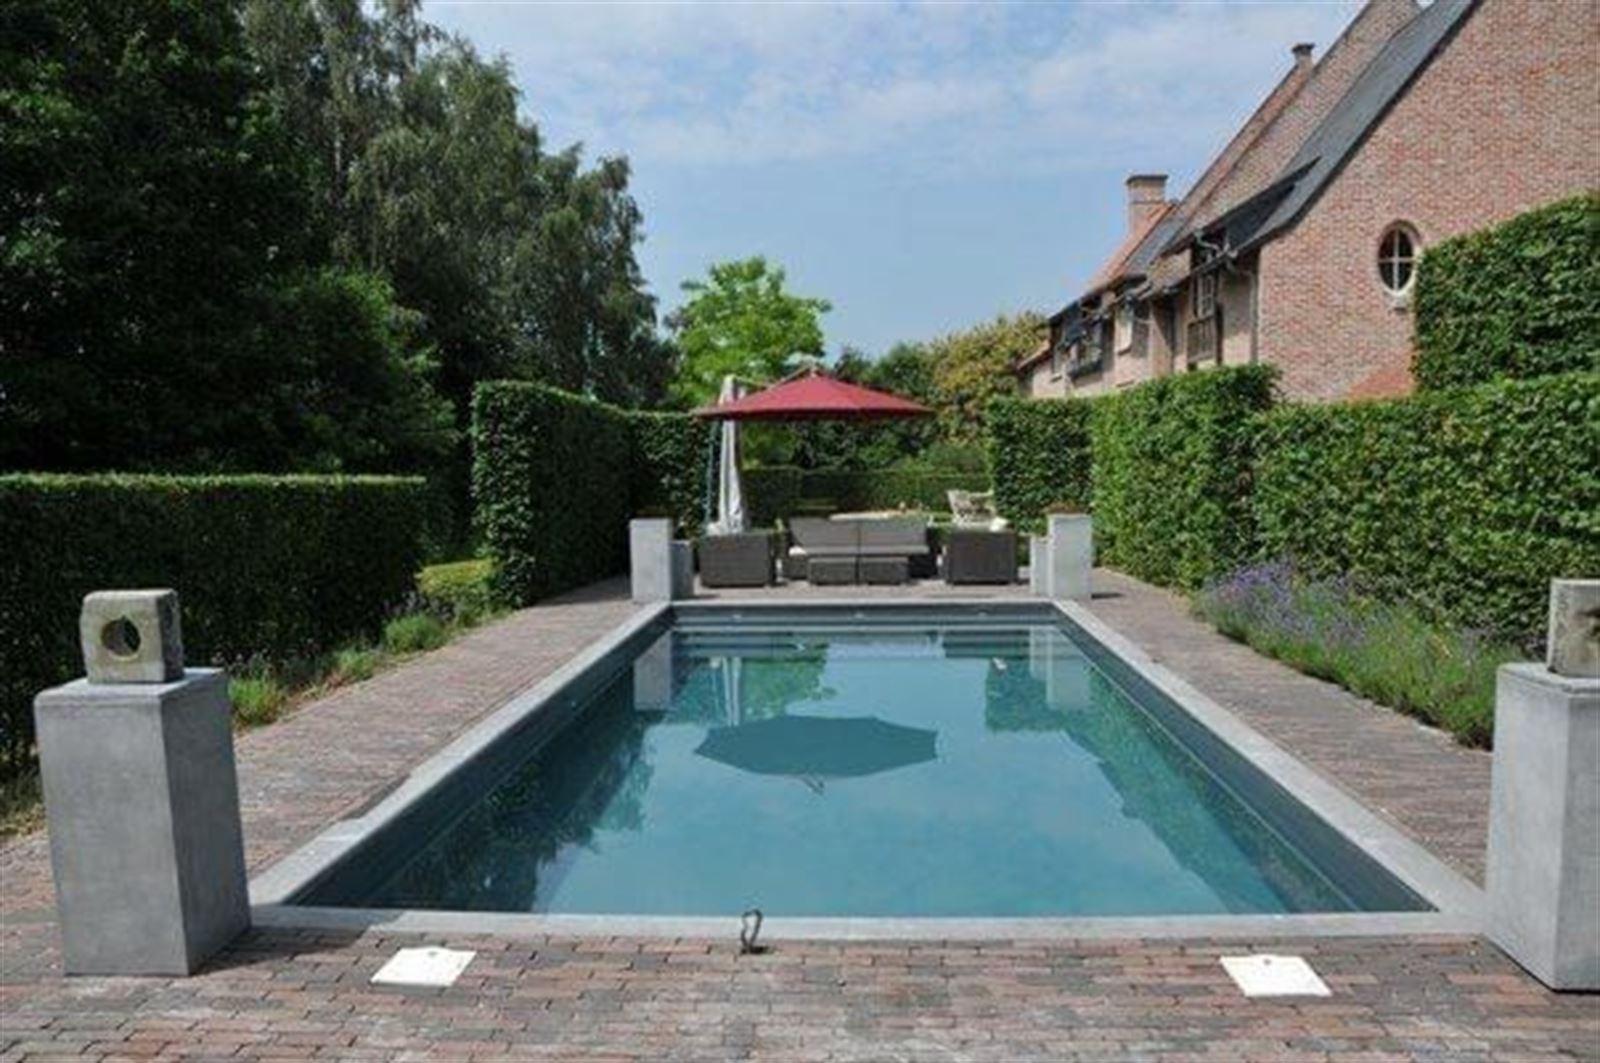 PHOTOS 6 : Maison à 1640 RHODE-SAINT-GENESE (Belgique) - Prix 1.500.000 €